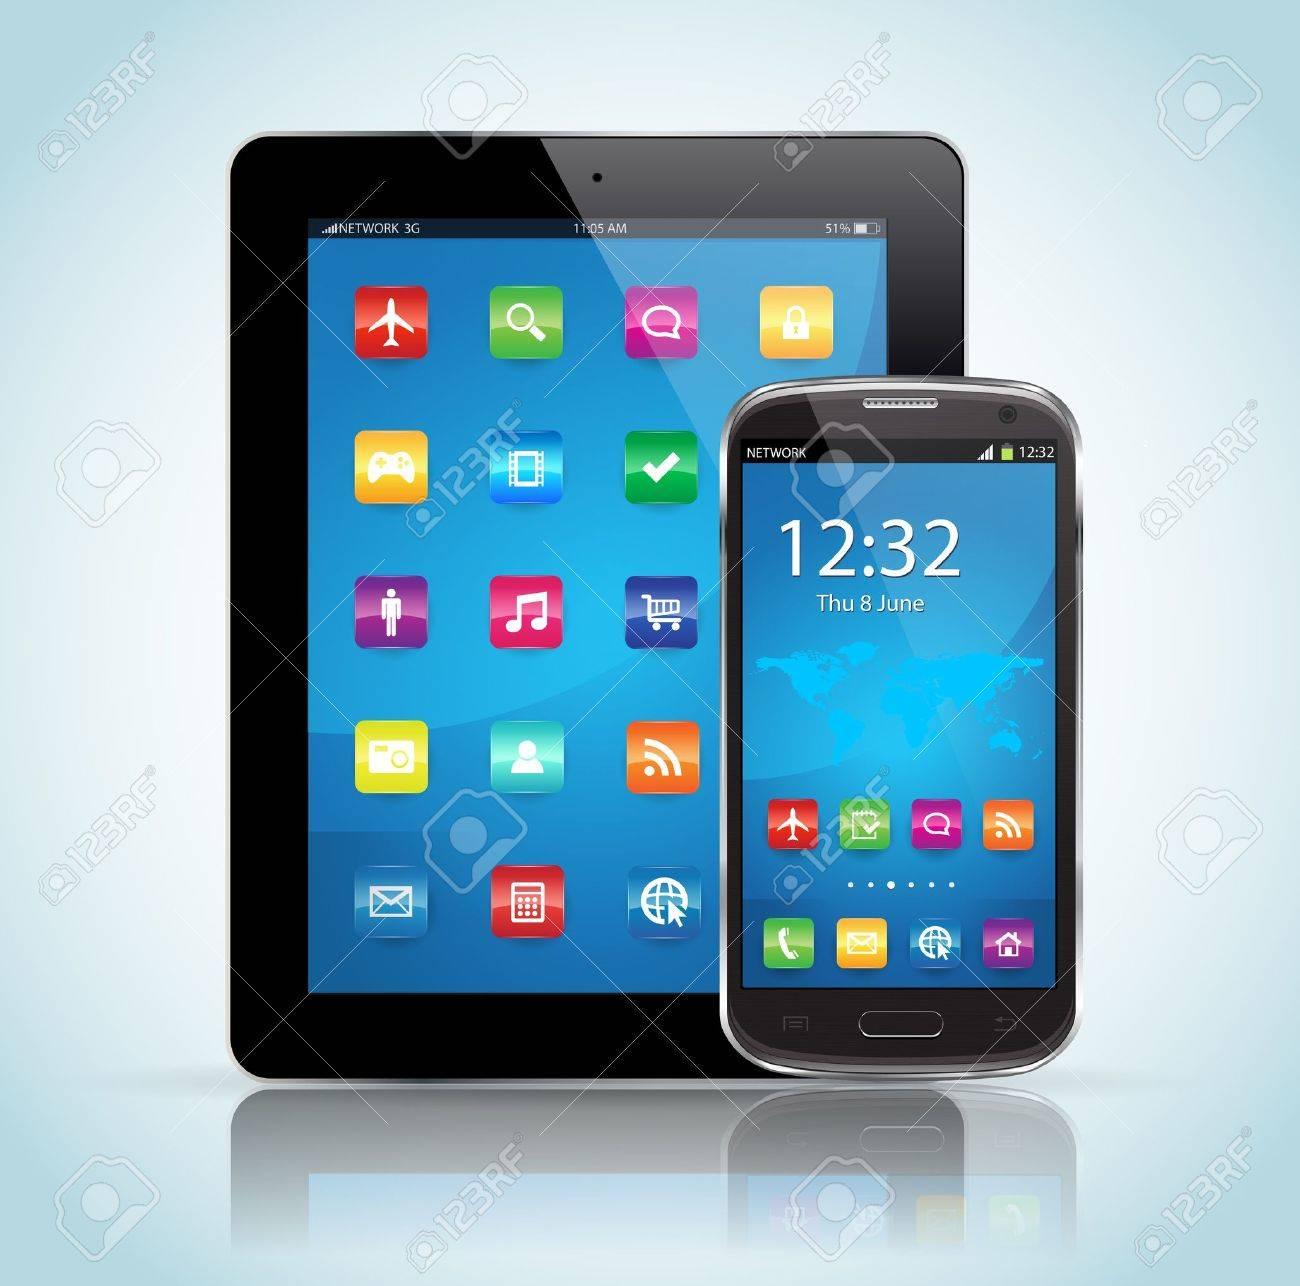 Cette image représente une tablette et un smartphone et tablette SmartPhone